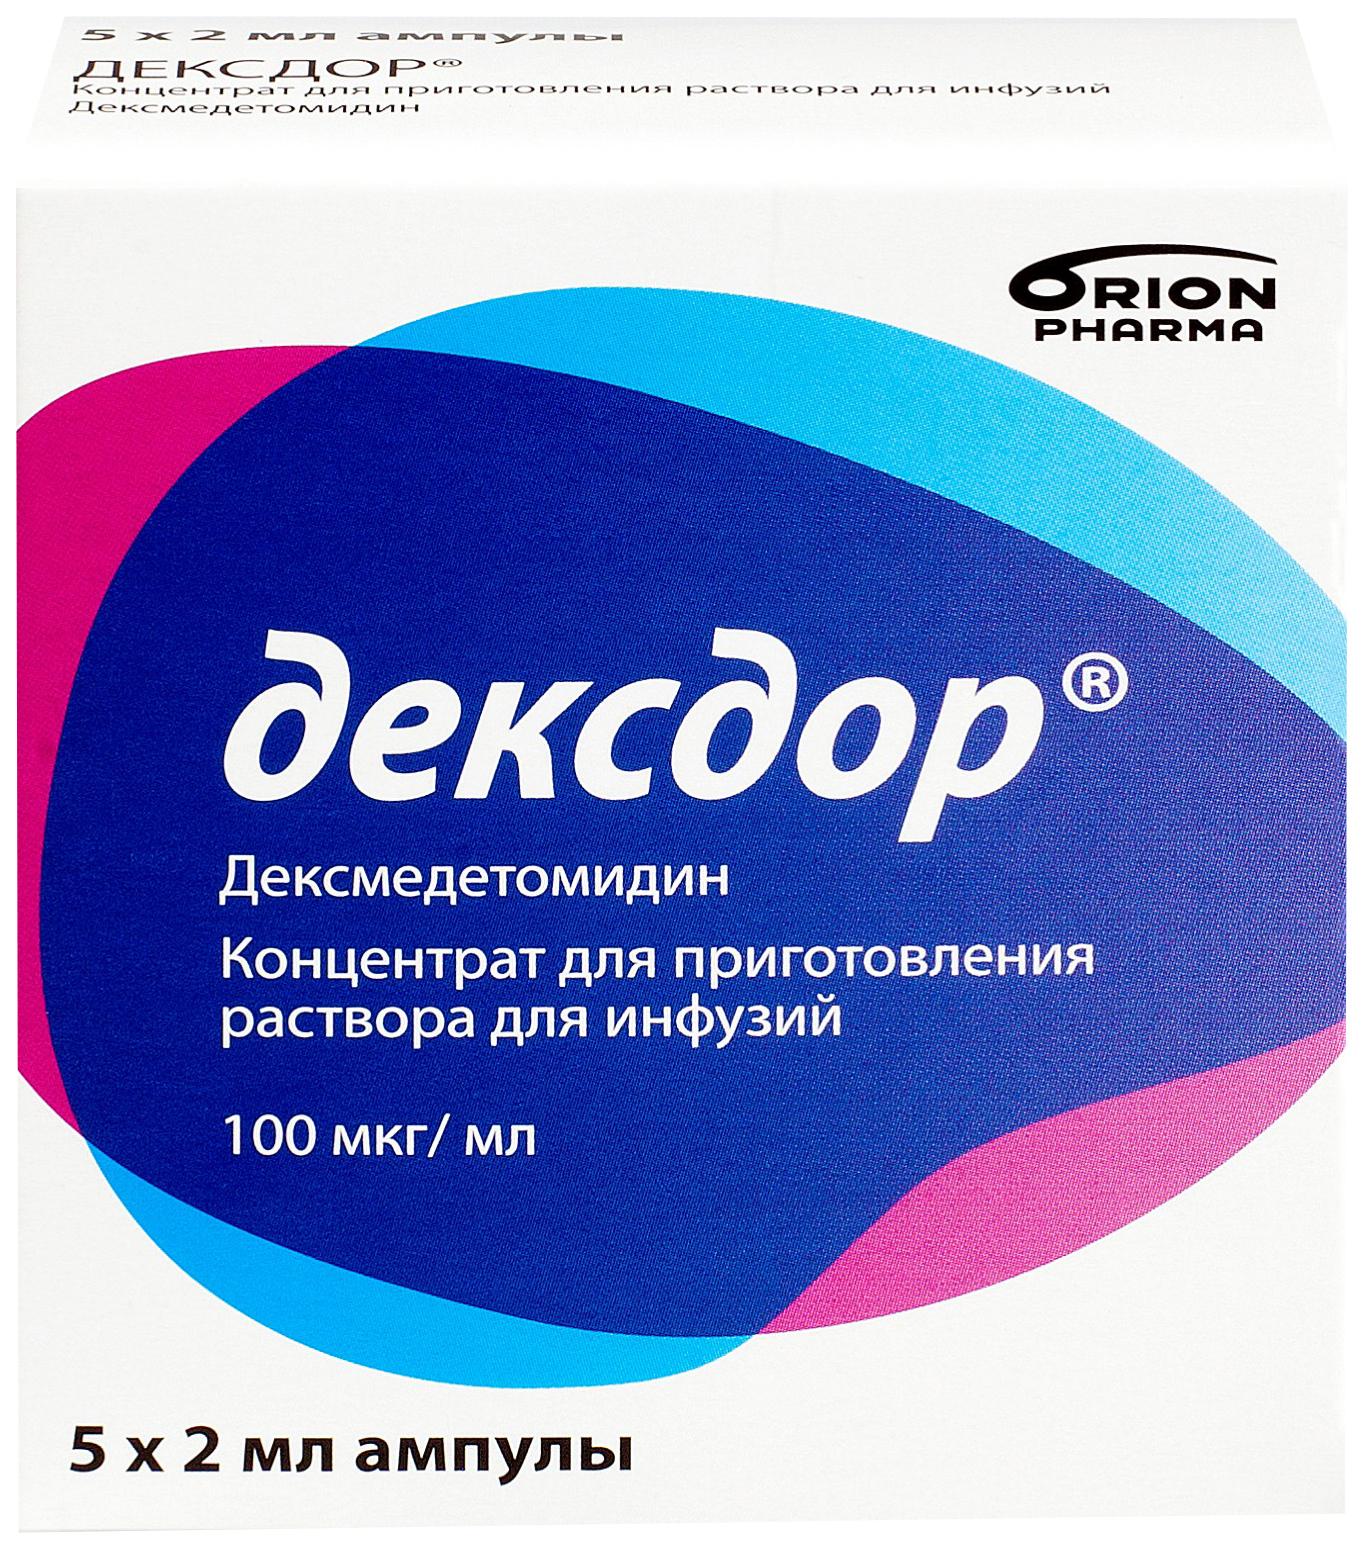 ДЕКСДОР 2мл 5 шт. концентрат для приготовления раствора для инфузий